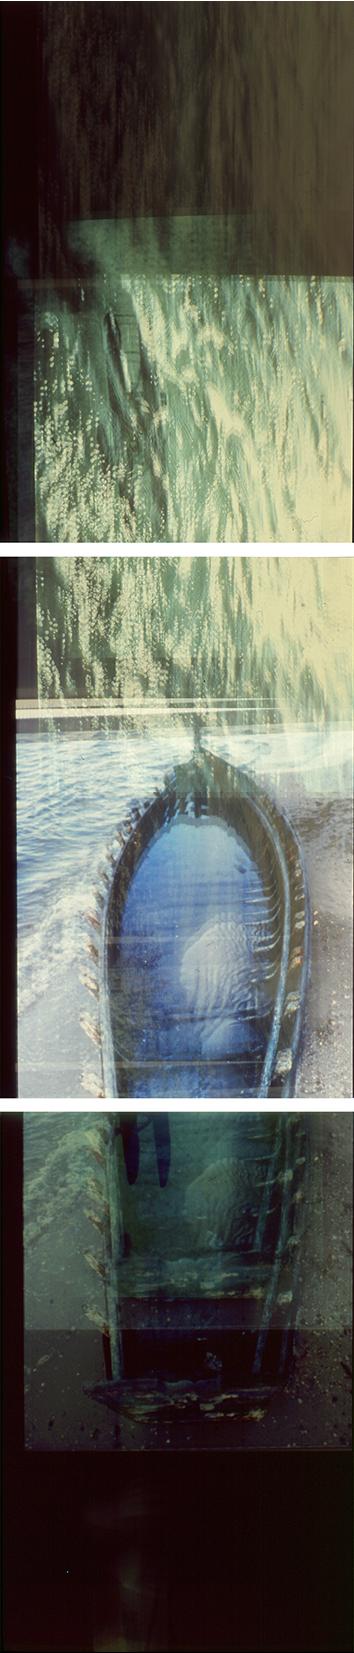 Boote, Werkzyklus, Sequenzen